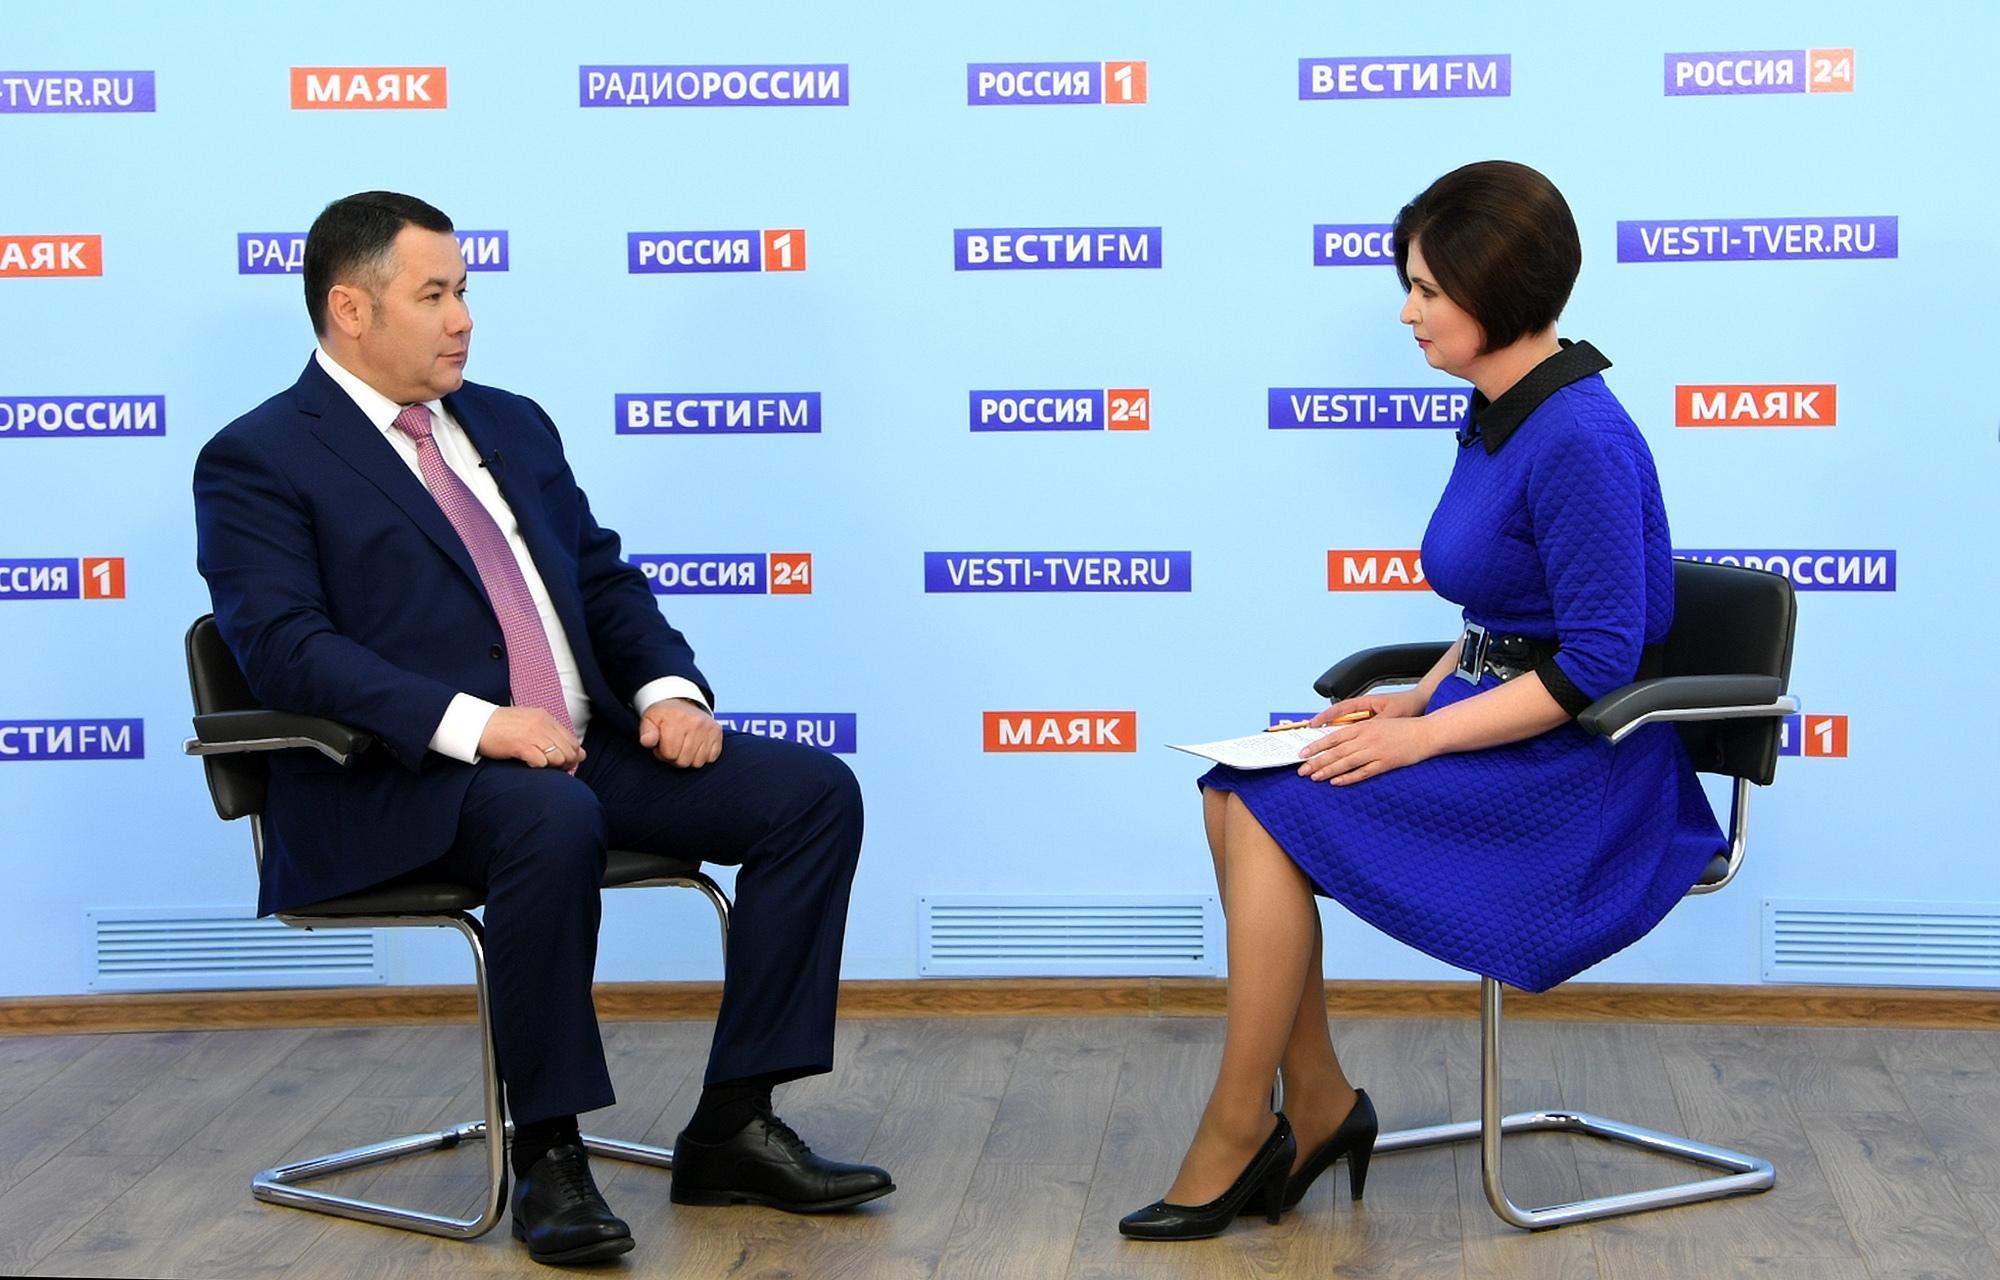 Игорь Руденя в прямом эфире рассказал о снятии ограничений, раздаче масок и поддержке семей с детьми в Тверской бласти